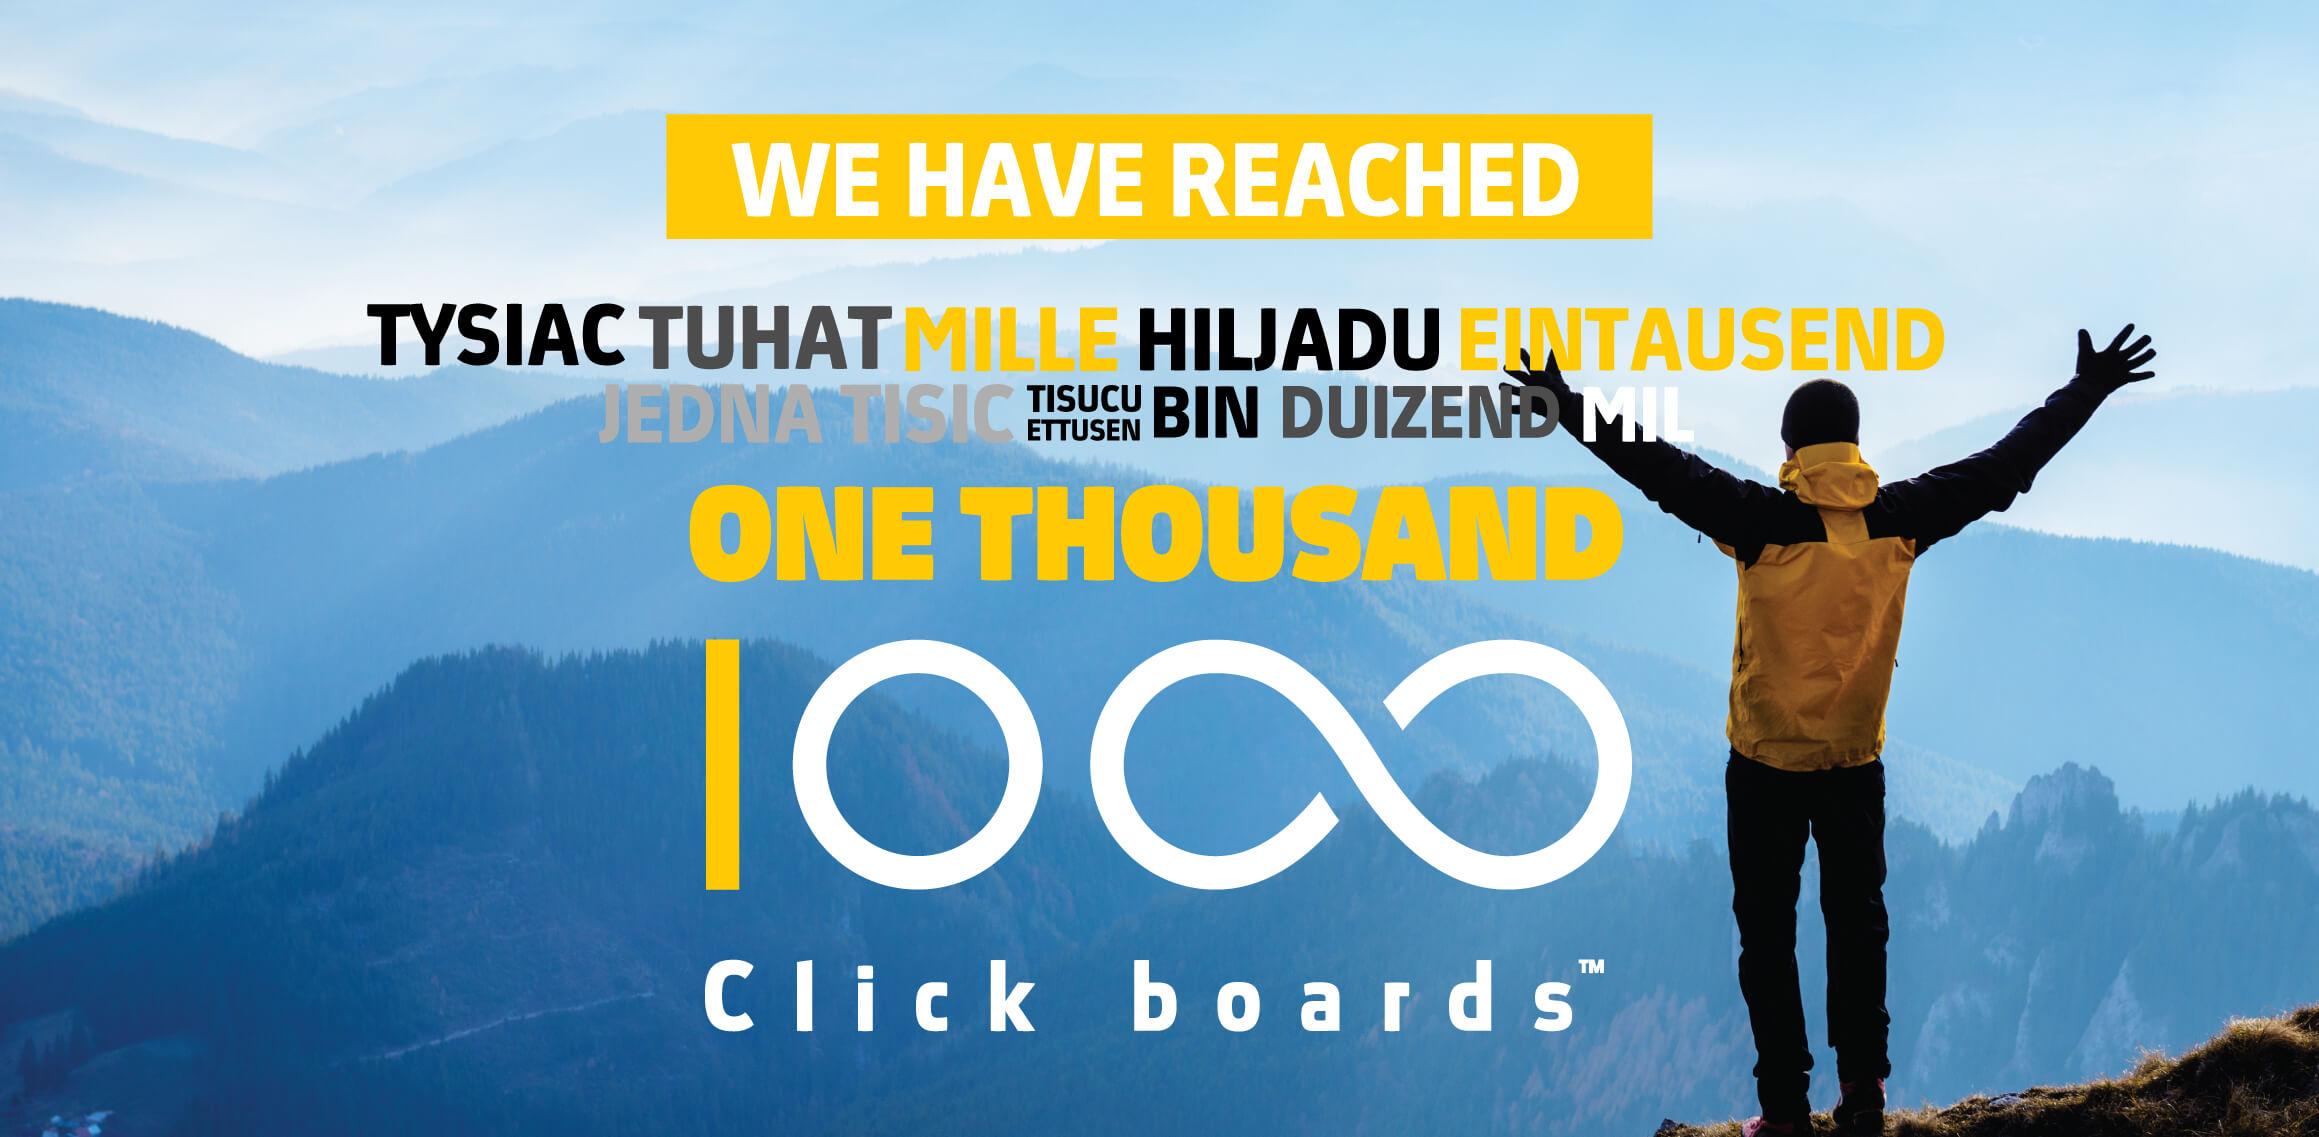 1000 Click boards™